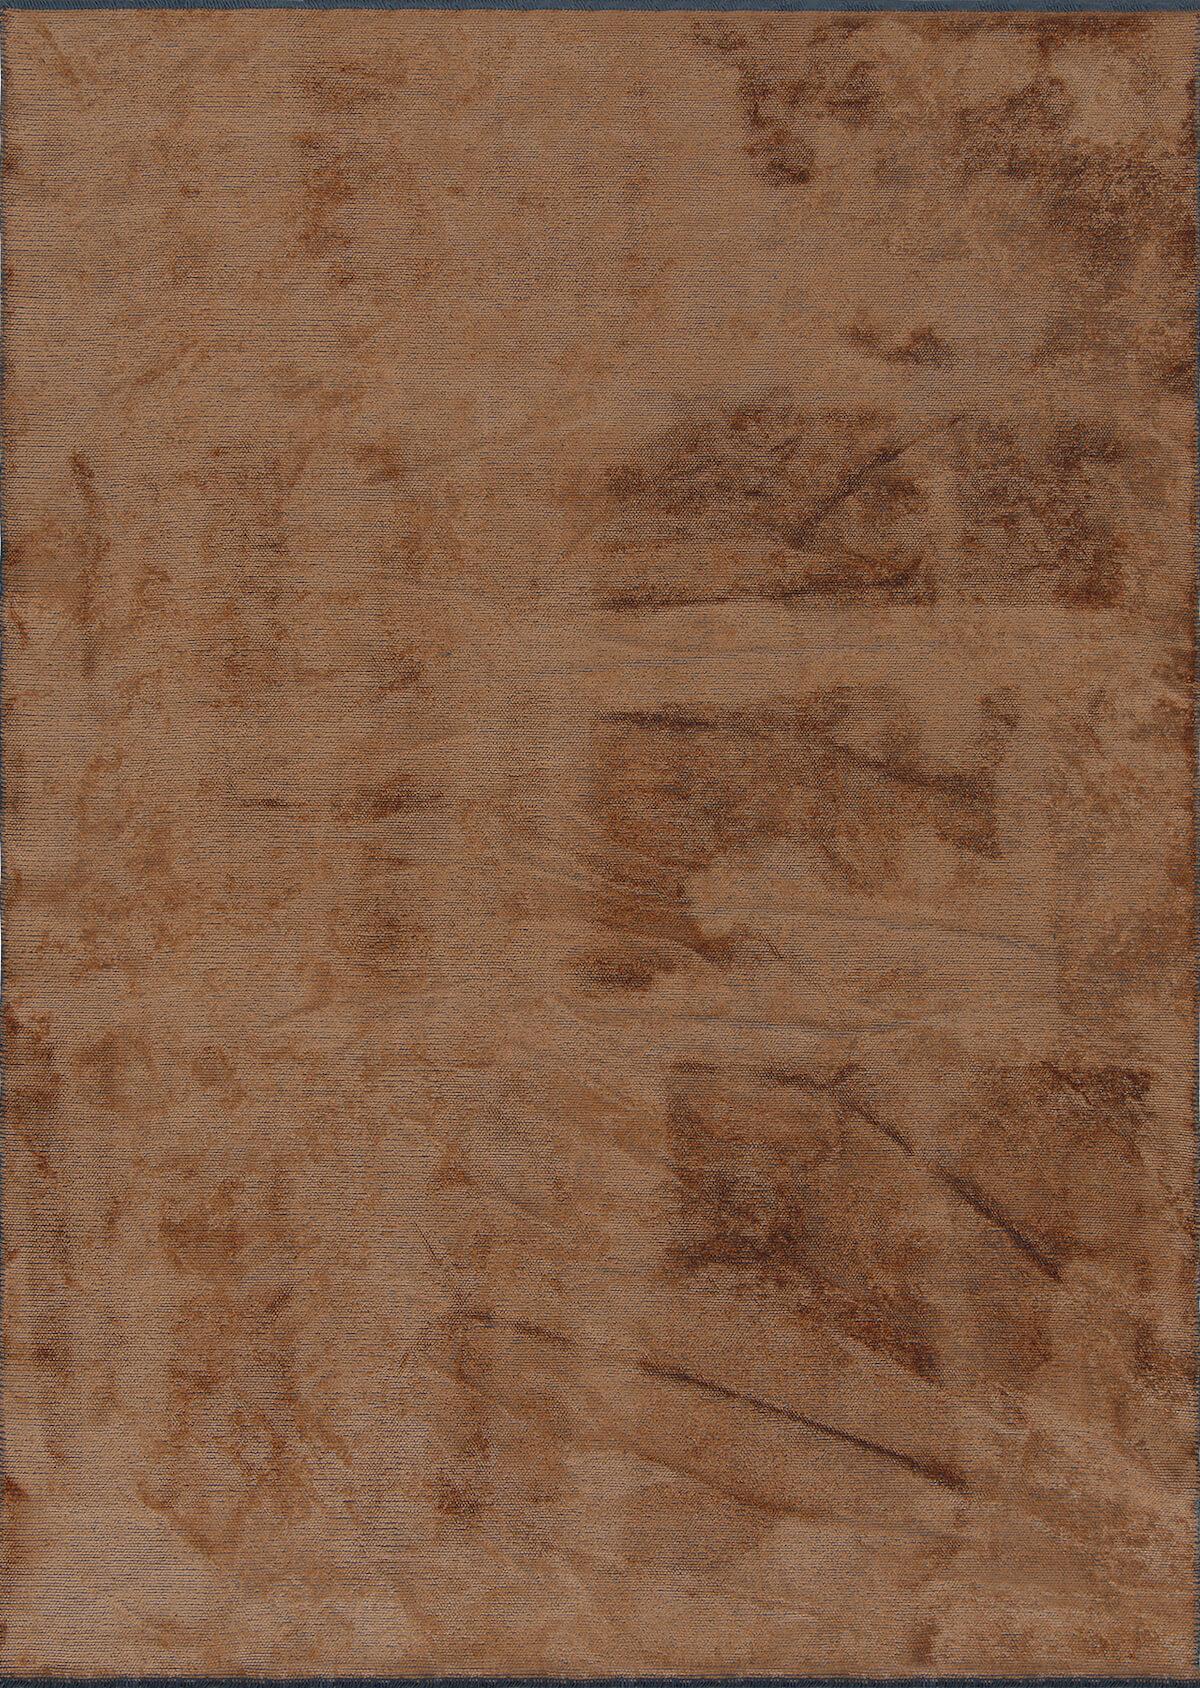 PALERMO KİLİM 5406 TERRA Mutfak Kilim Dekoratif Kilim